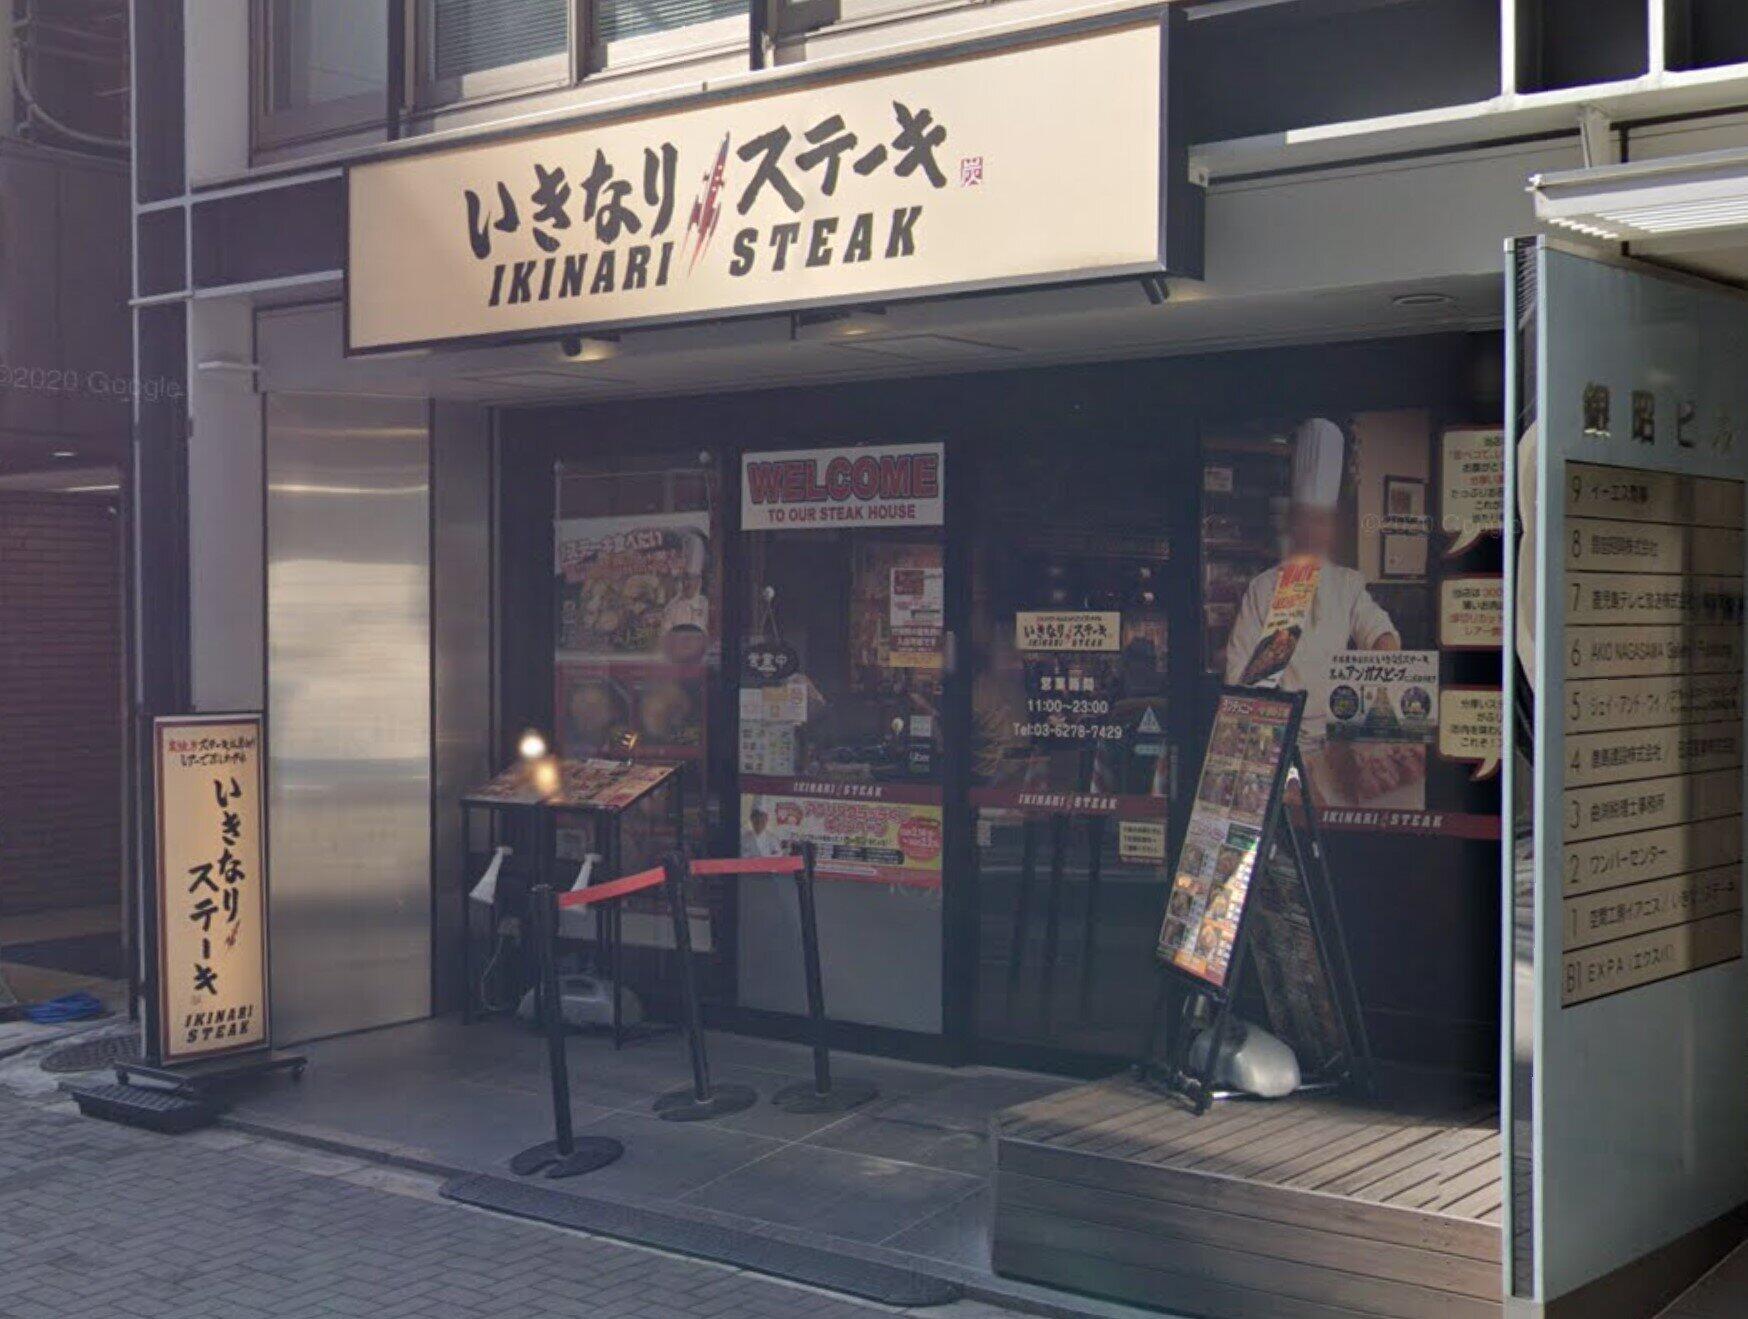 店の外観(Googleマップより)